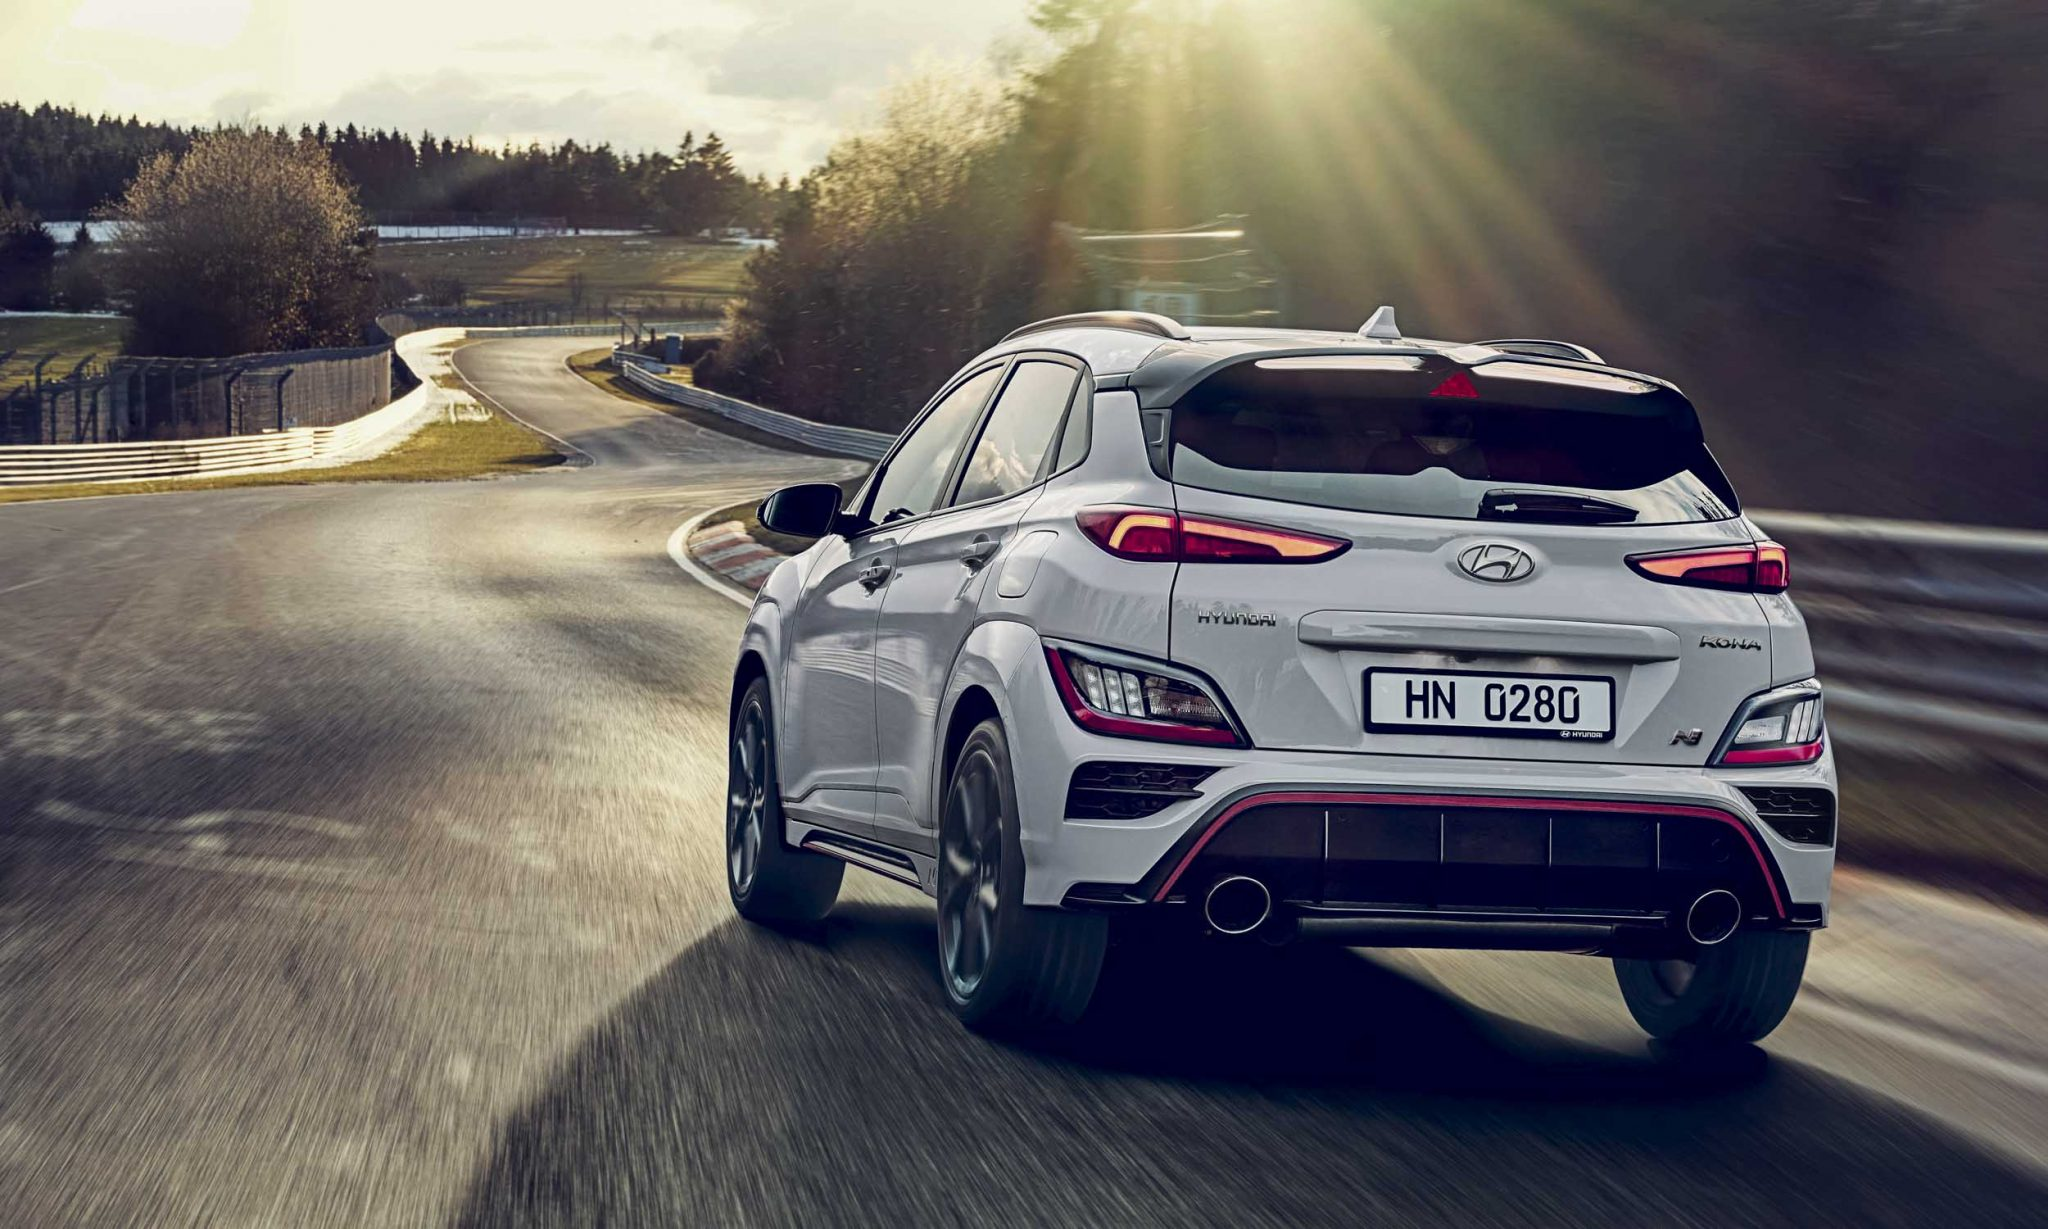 Hyundai-Kona-N-22 (rear).jpg